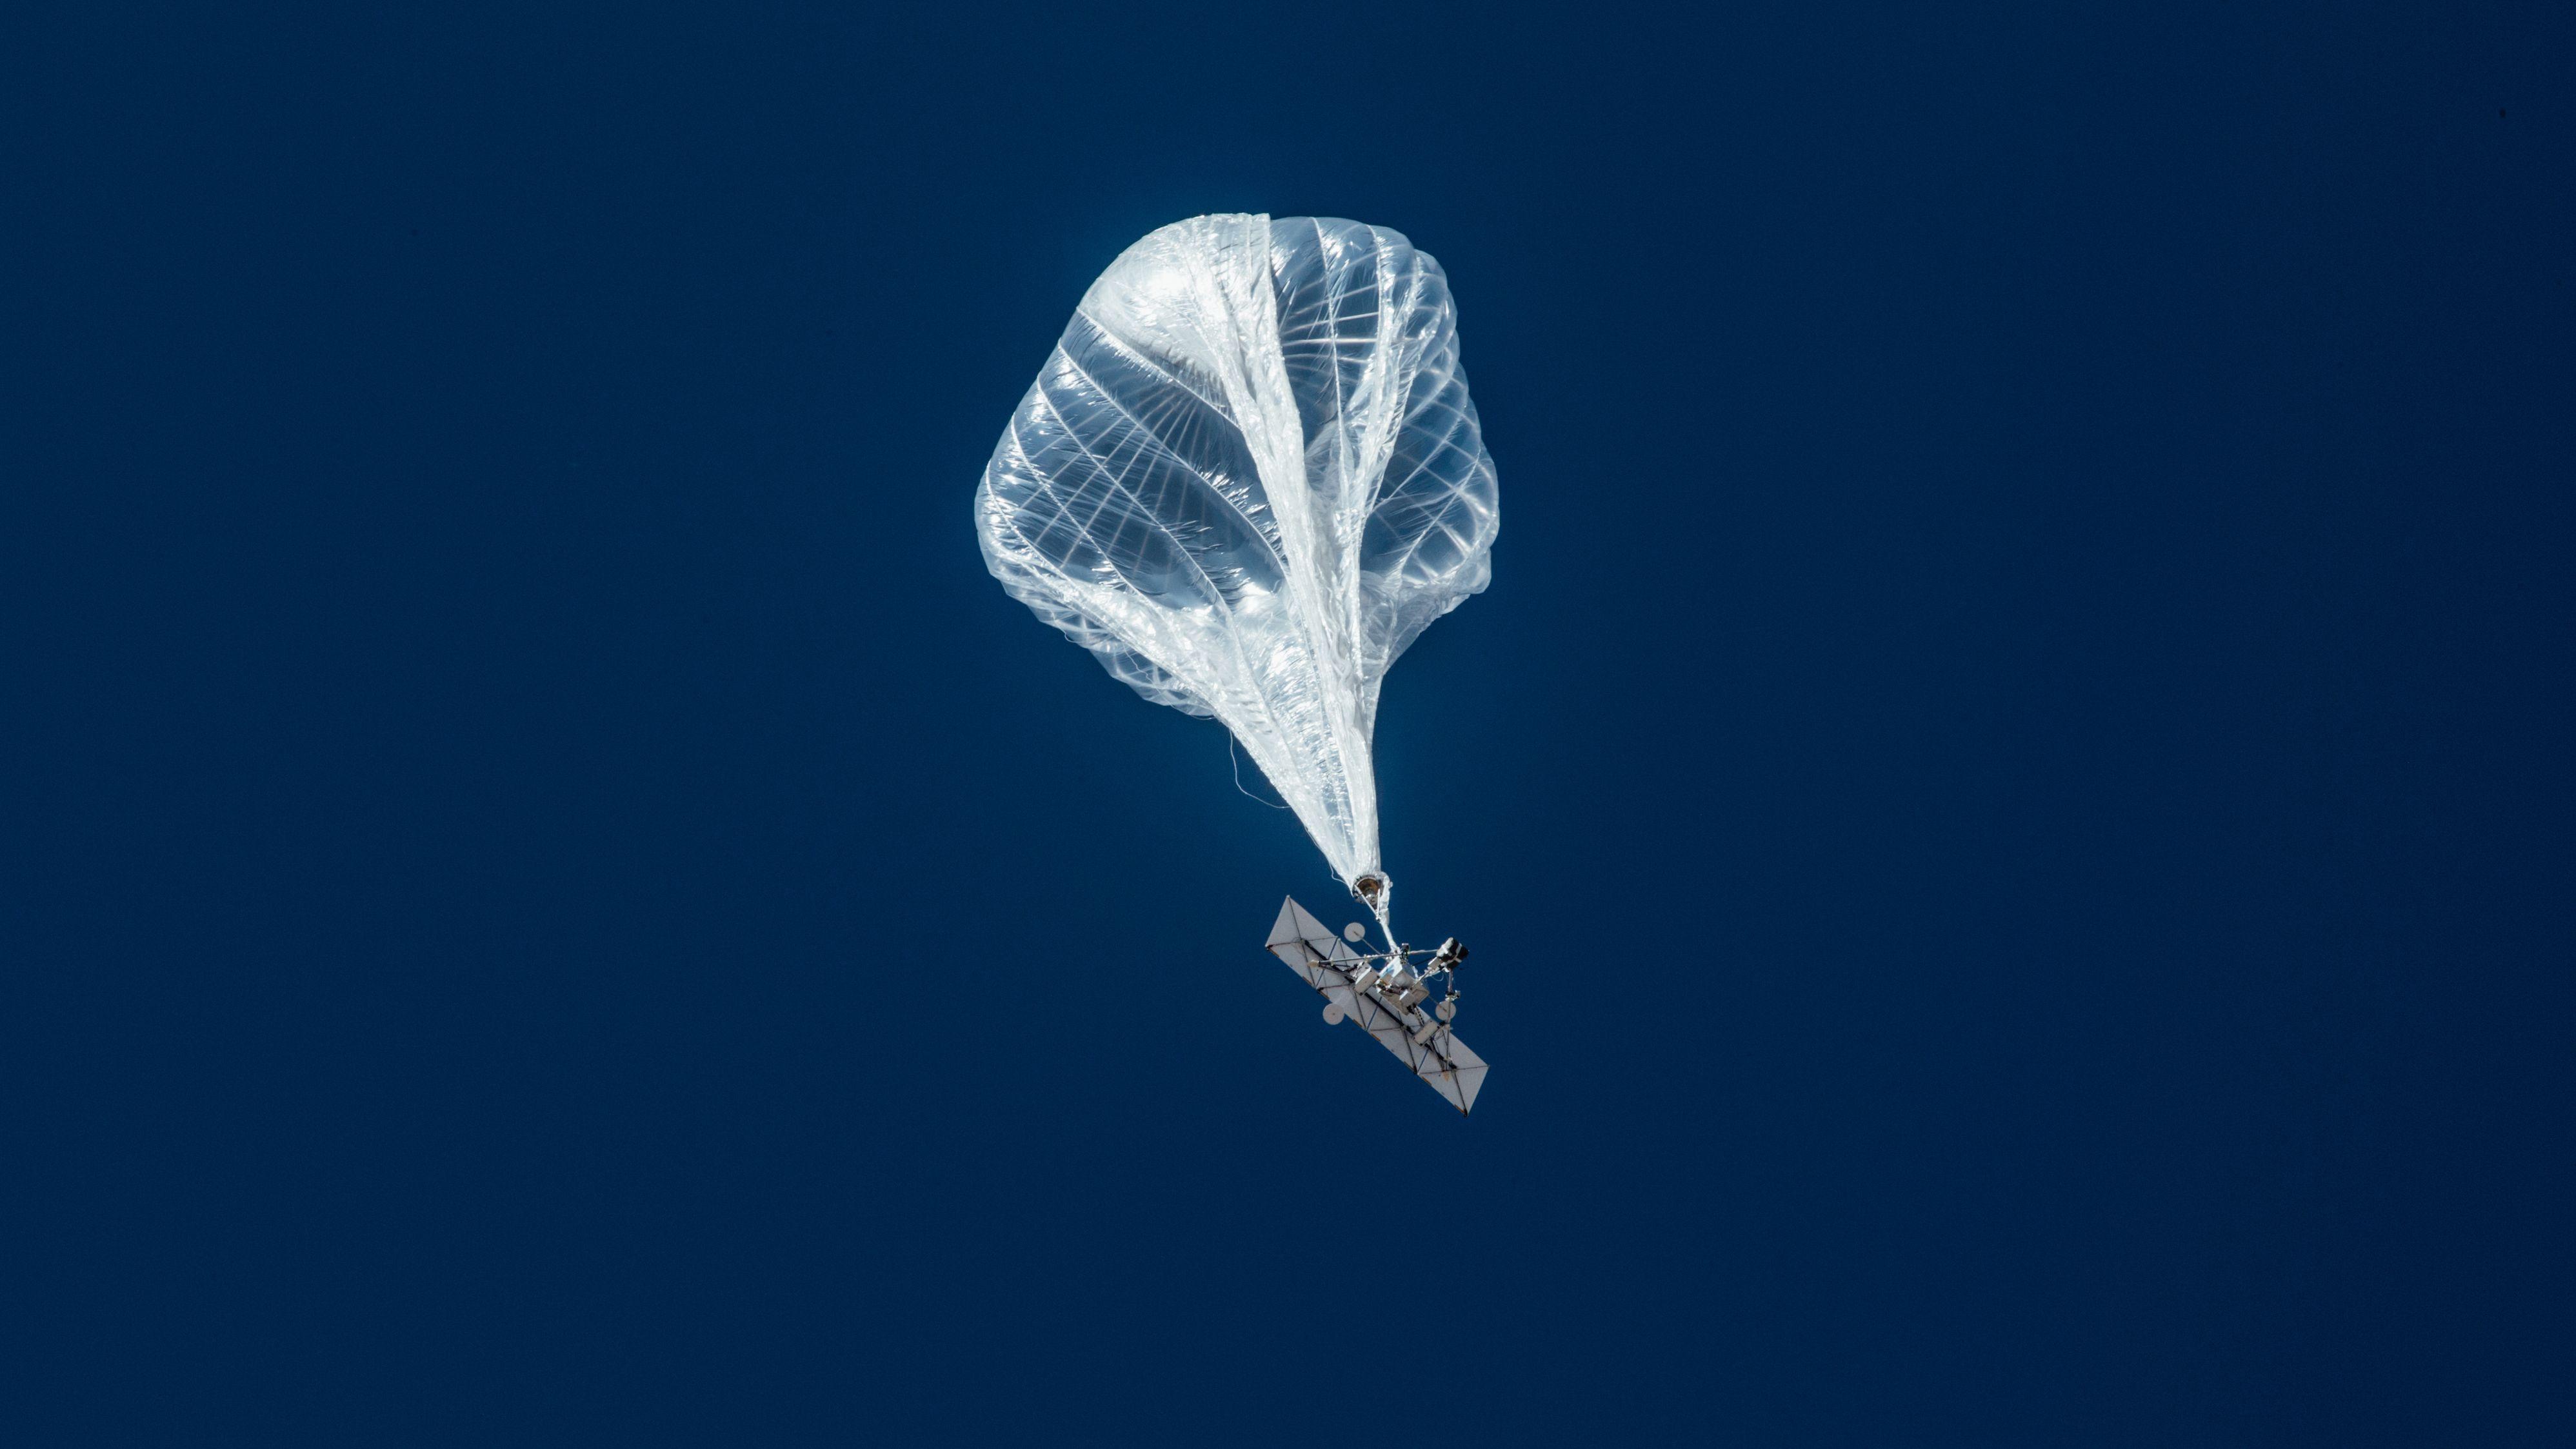 グーグルの「ルーン」がペルーで気球インターネット提供へ